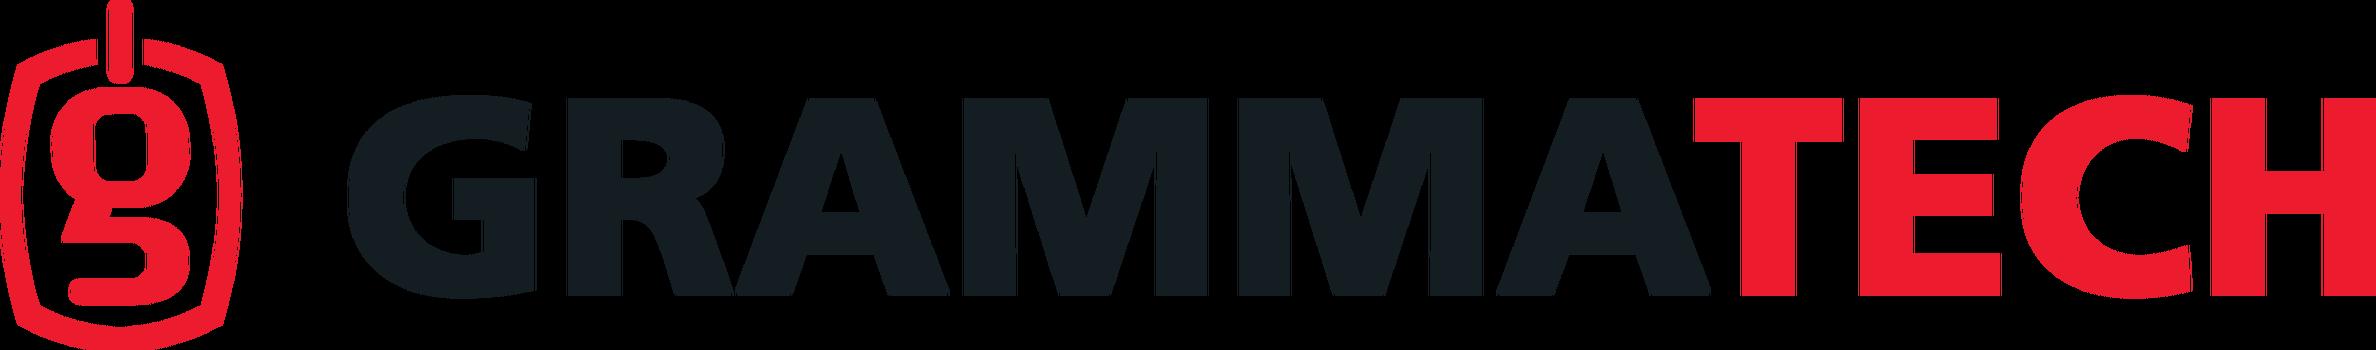 GrammaTech logo